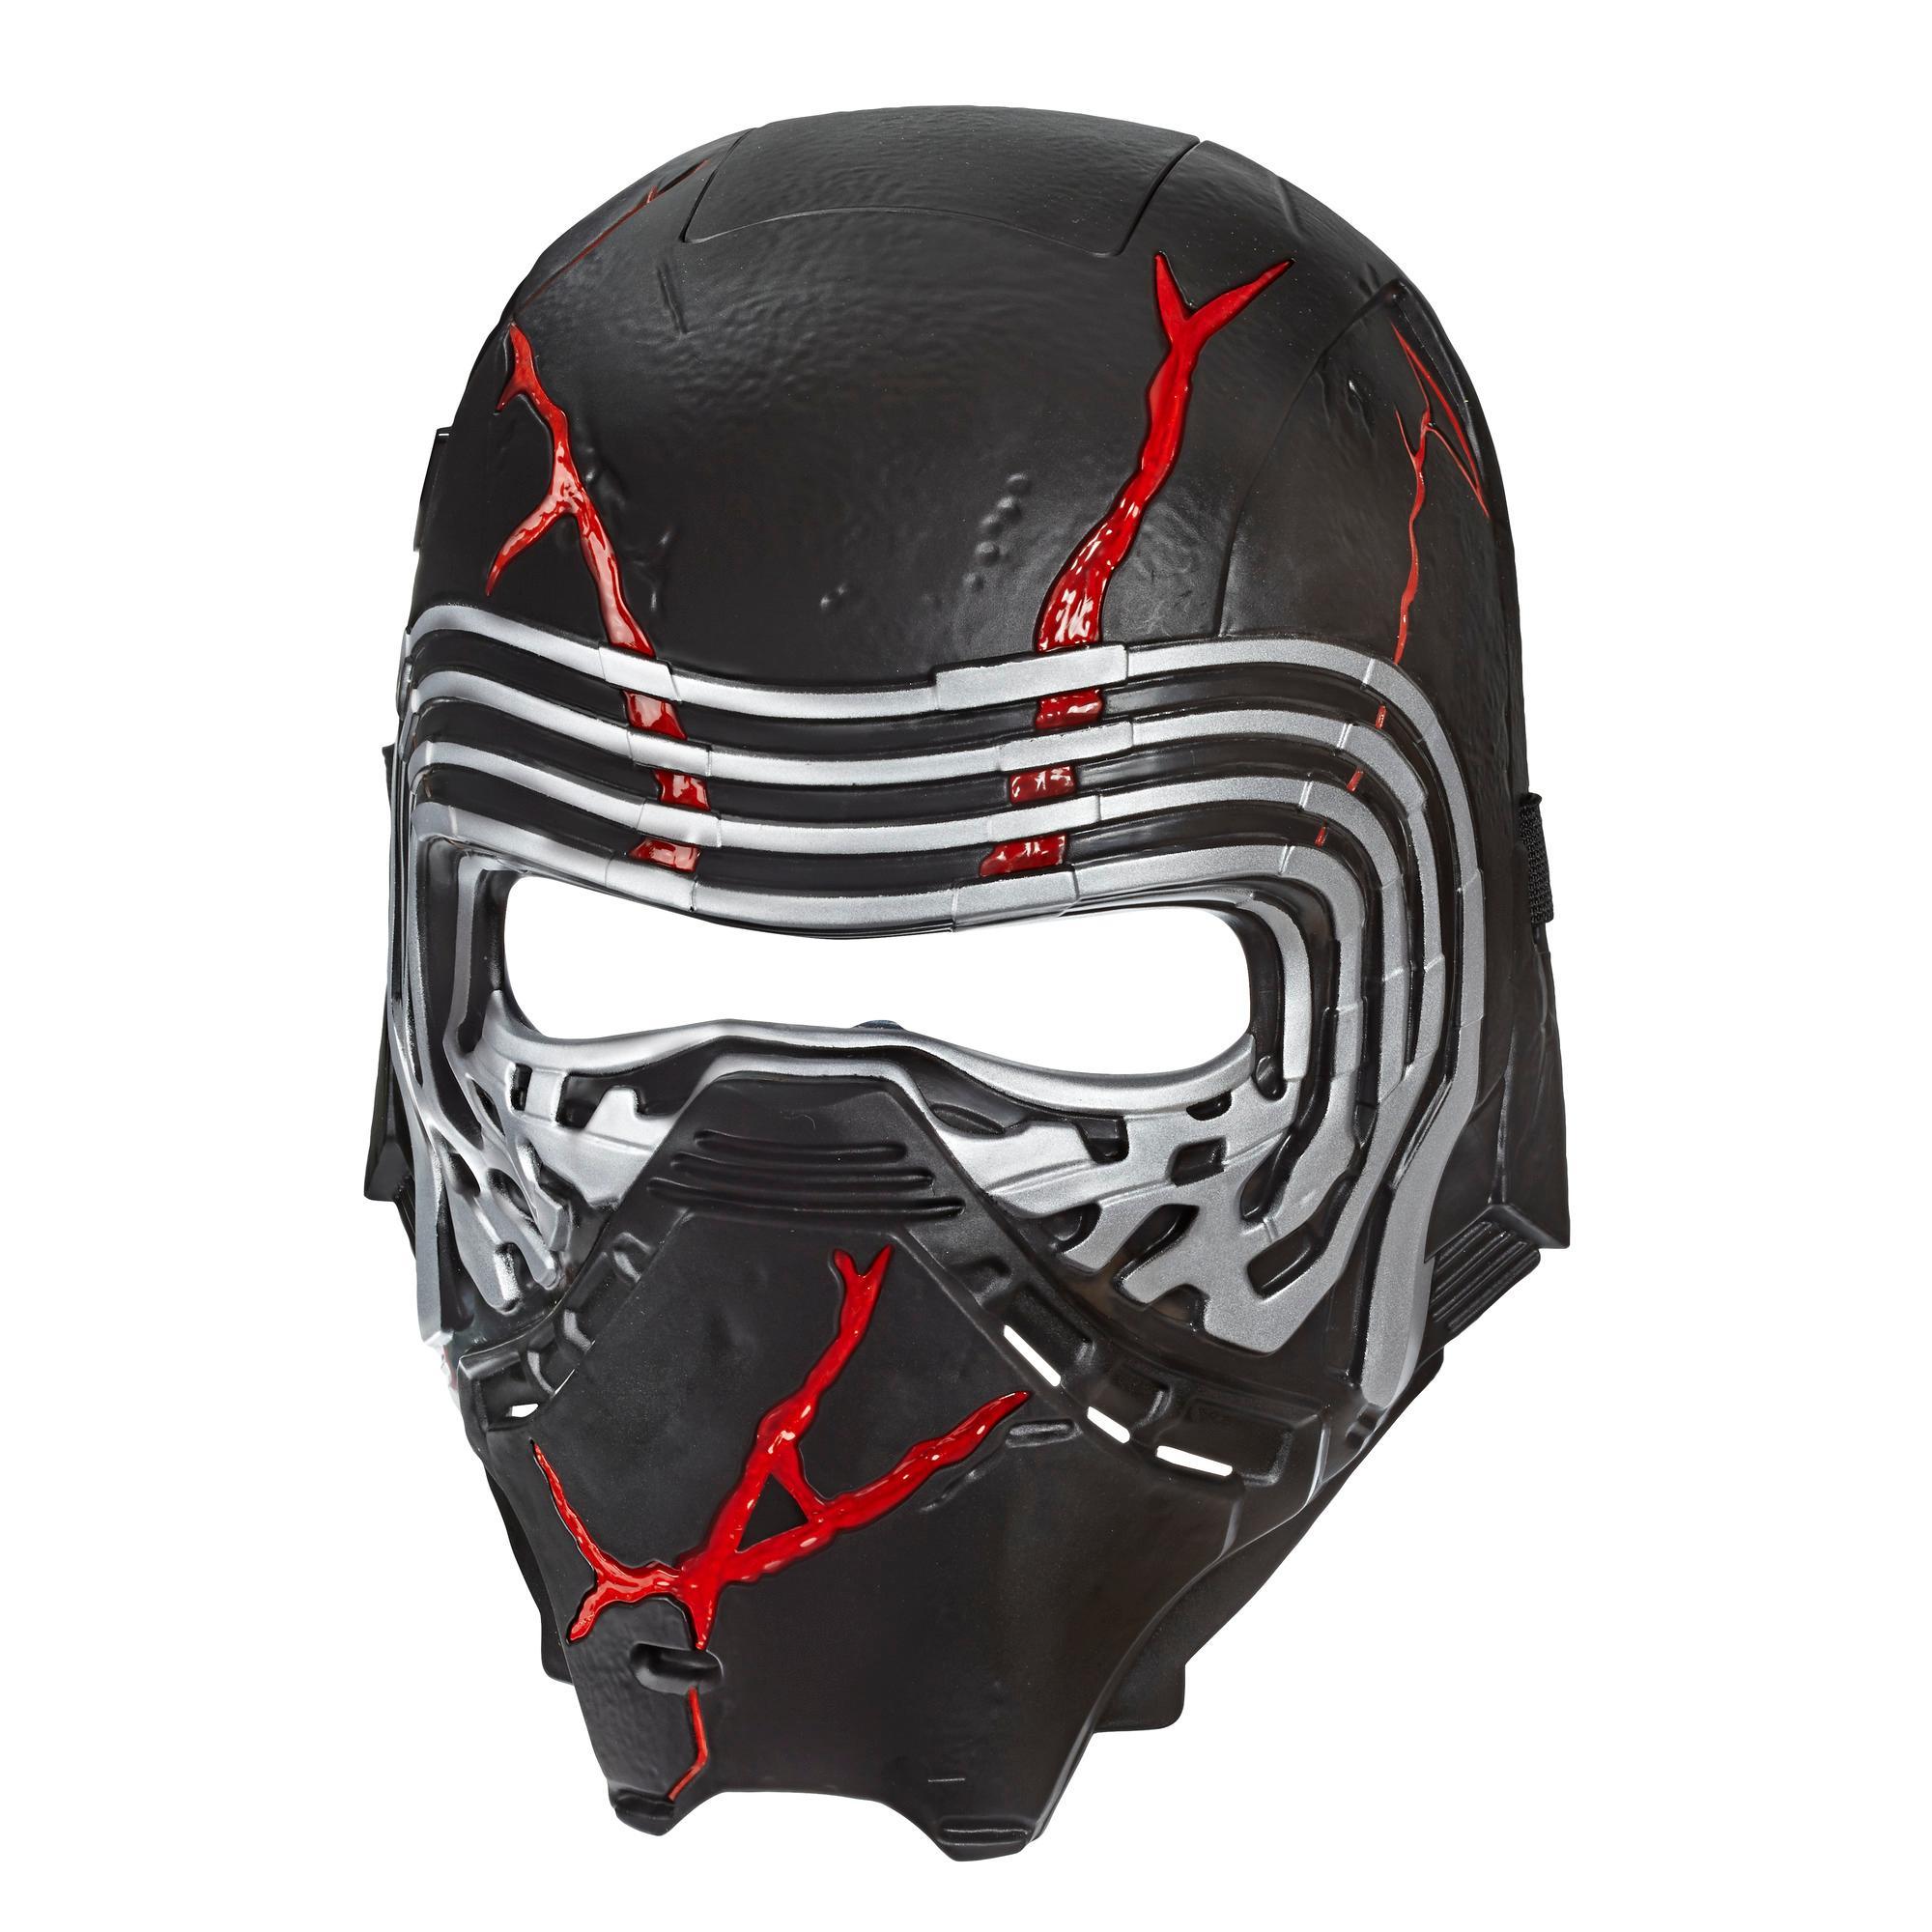 Star Wars: Der Aufstieg Skywalkers Oberster Anführer Kylo Ren Force Rage Elektronische Maske für Kids Rollenspiele, zum Verkleiden